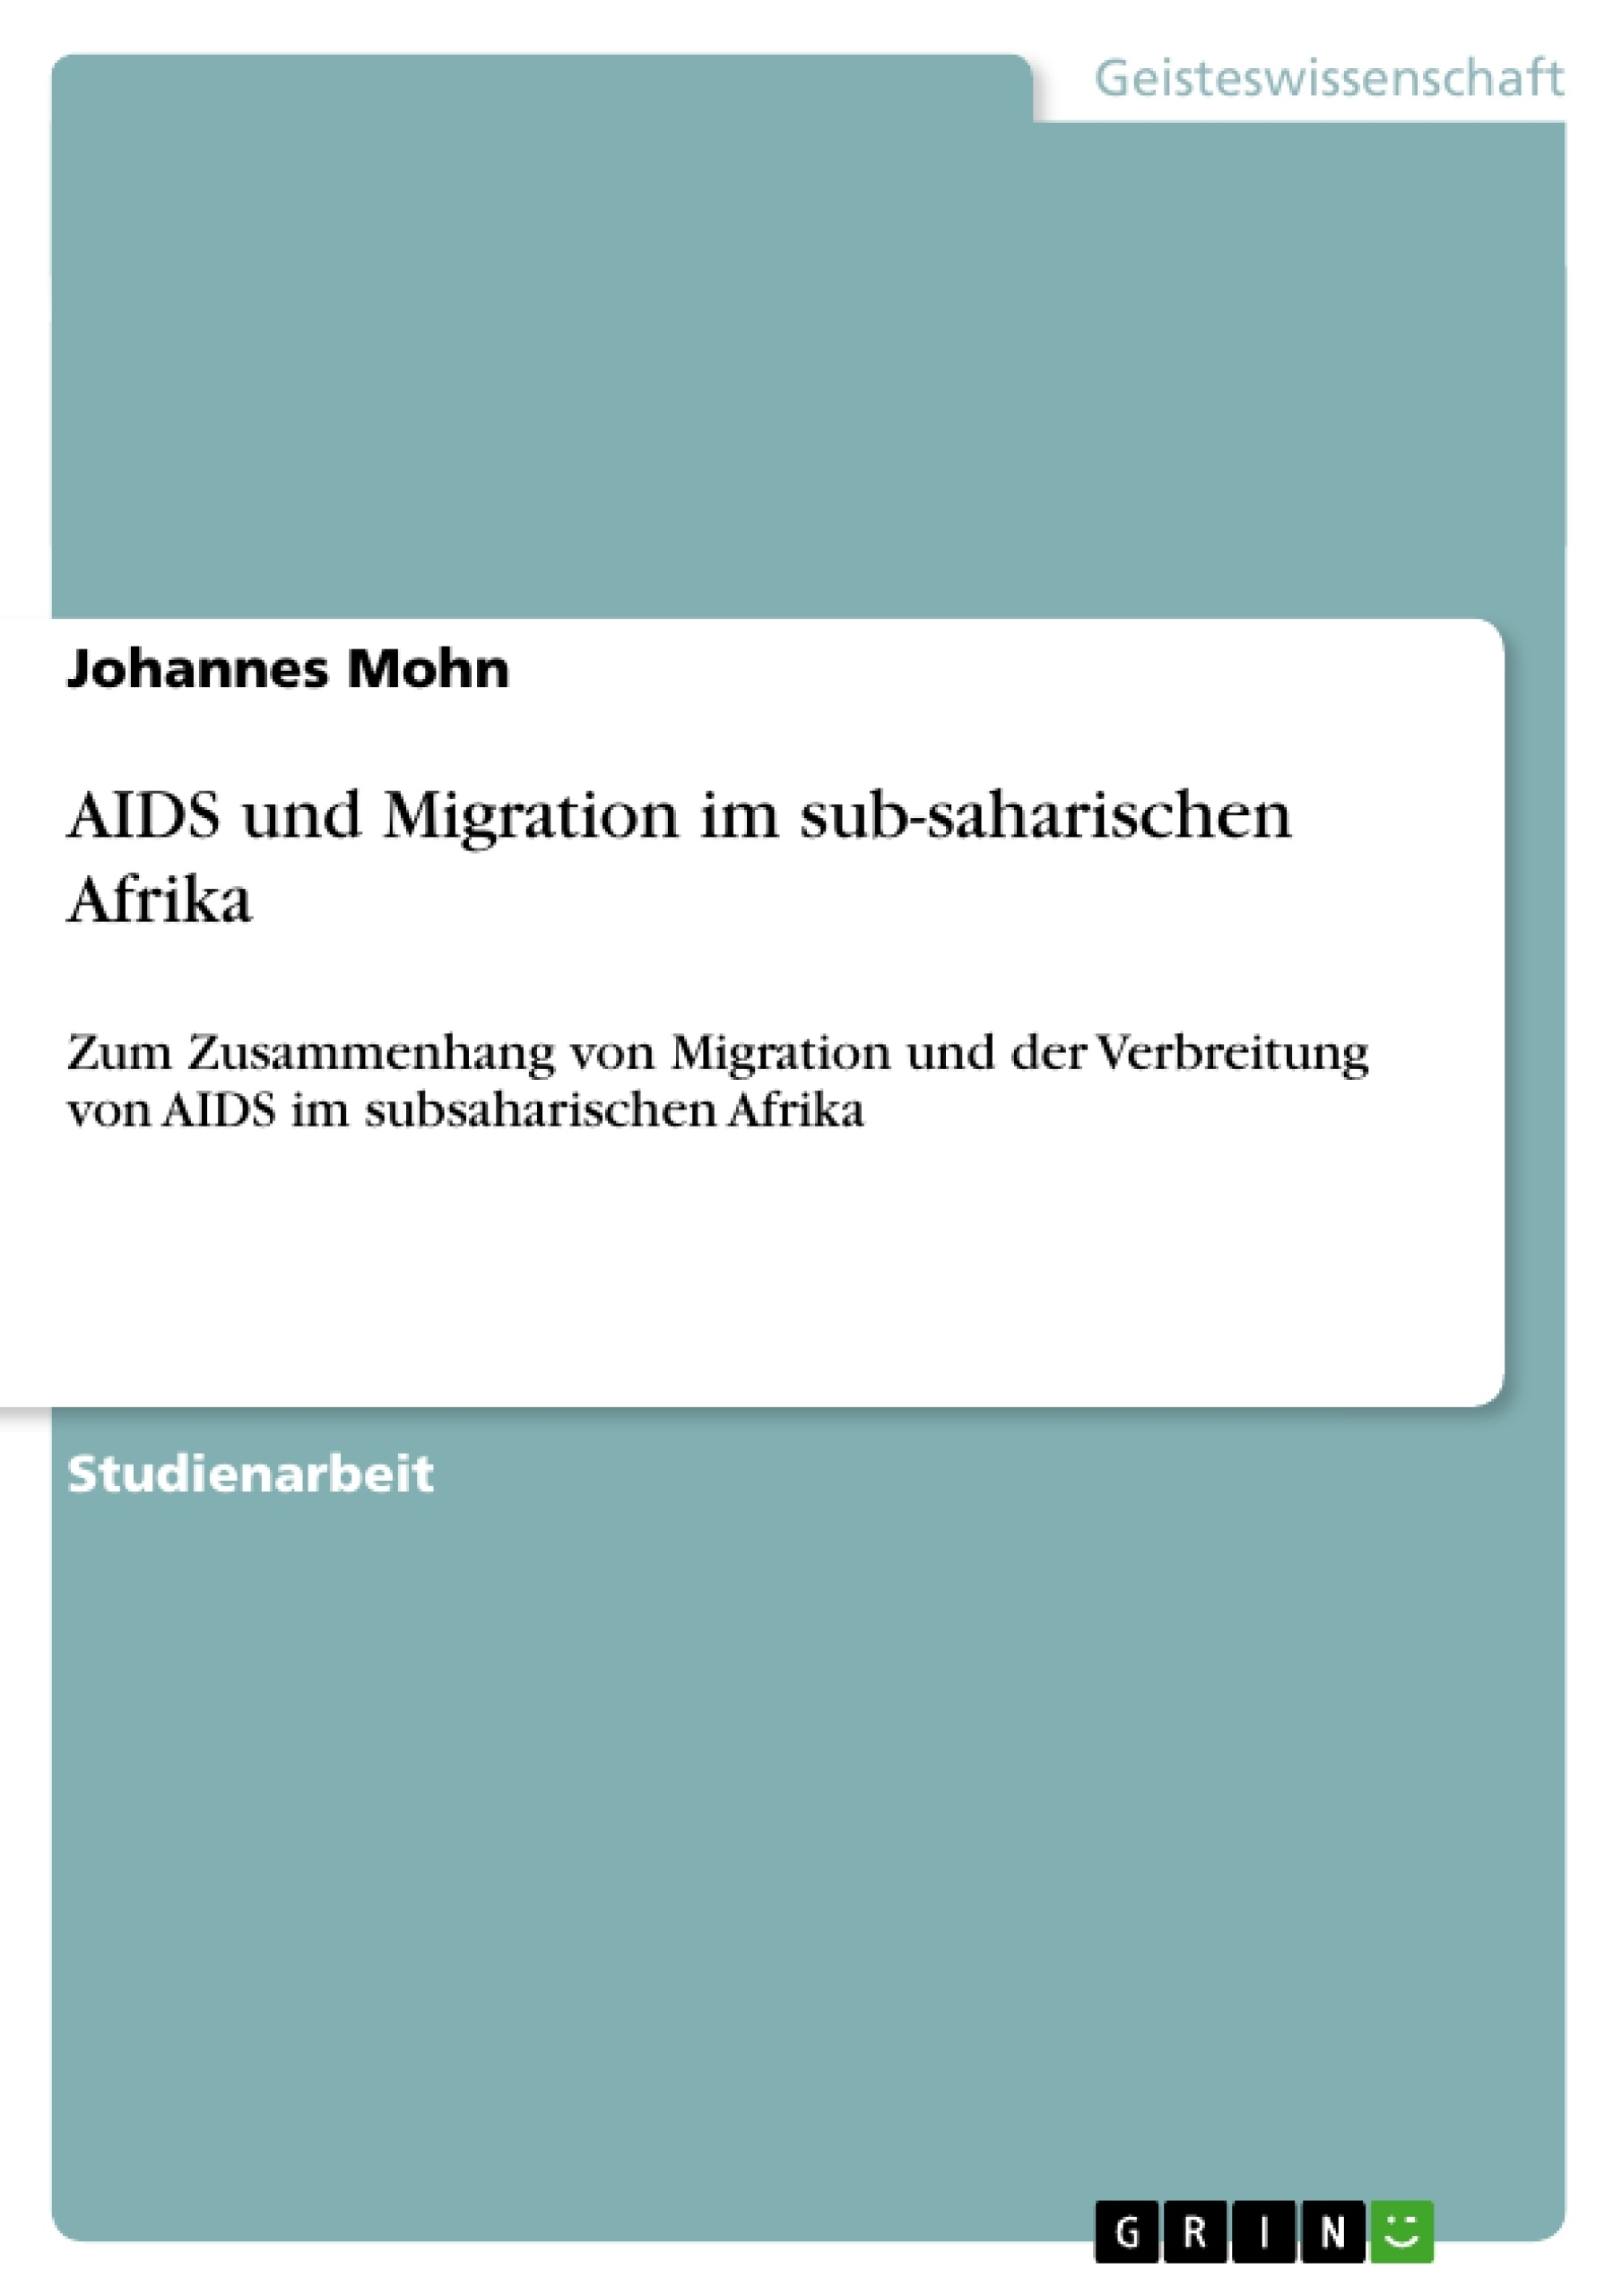 Titel: AIDS und Migration im sub-saharischen Afrika